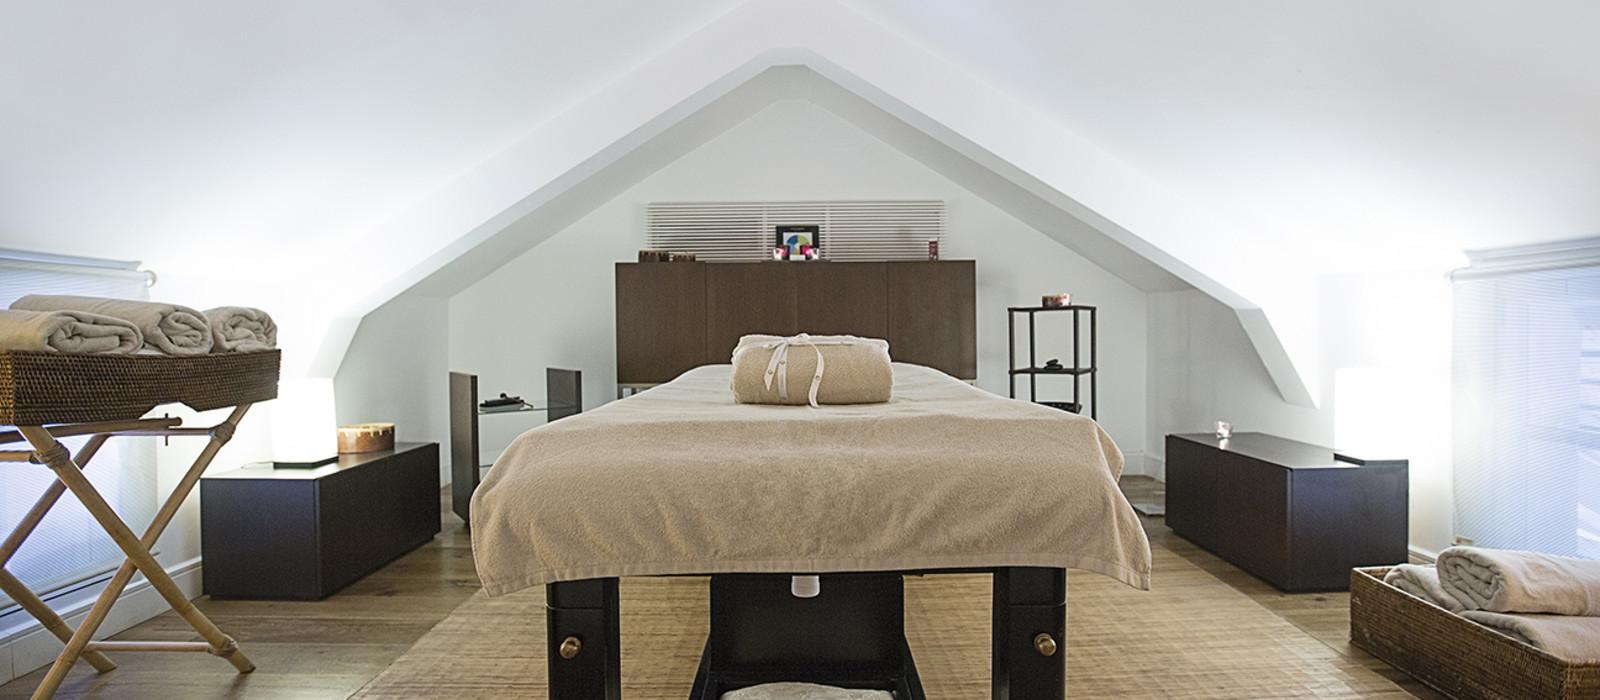 Hotel Hospes Las Casas Del Rey De Baeza Spain